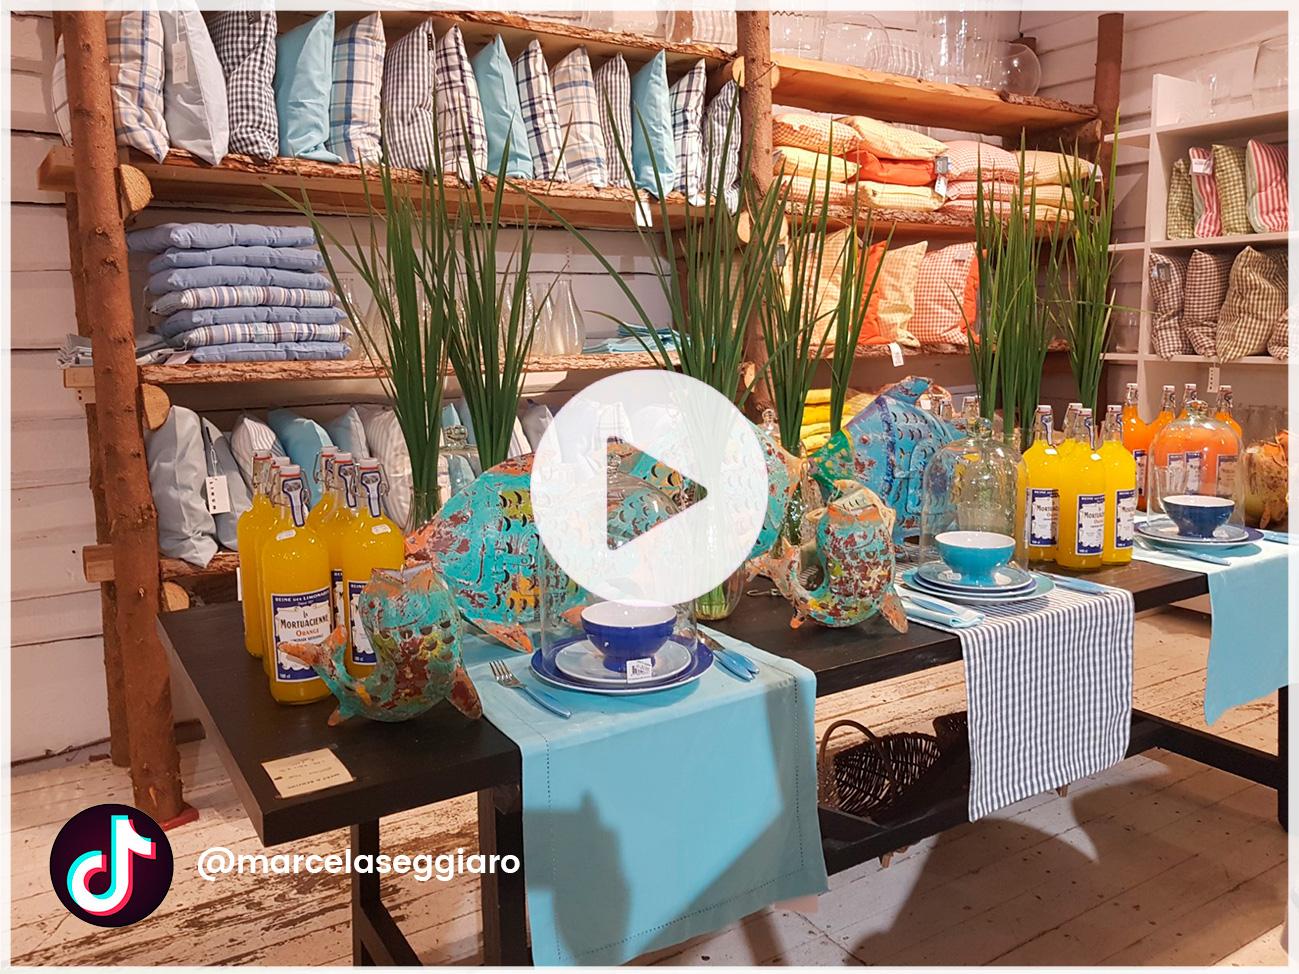 5 Claves de Visual Merchandising para vender más. Marcela Seggiaro